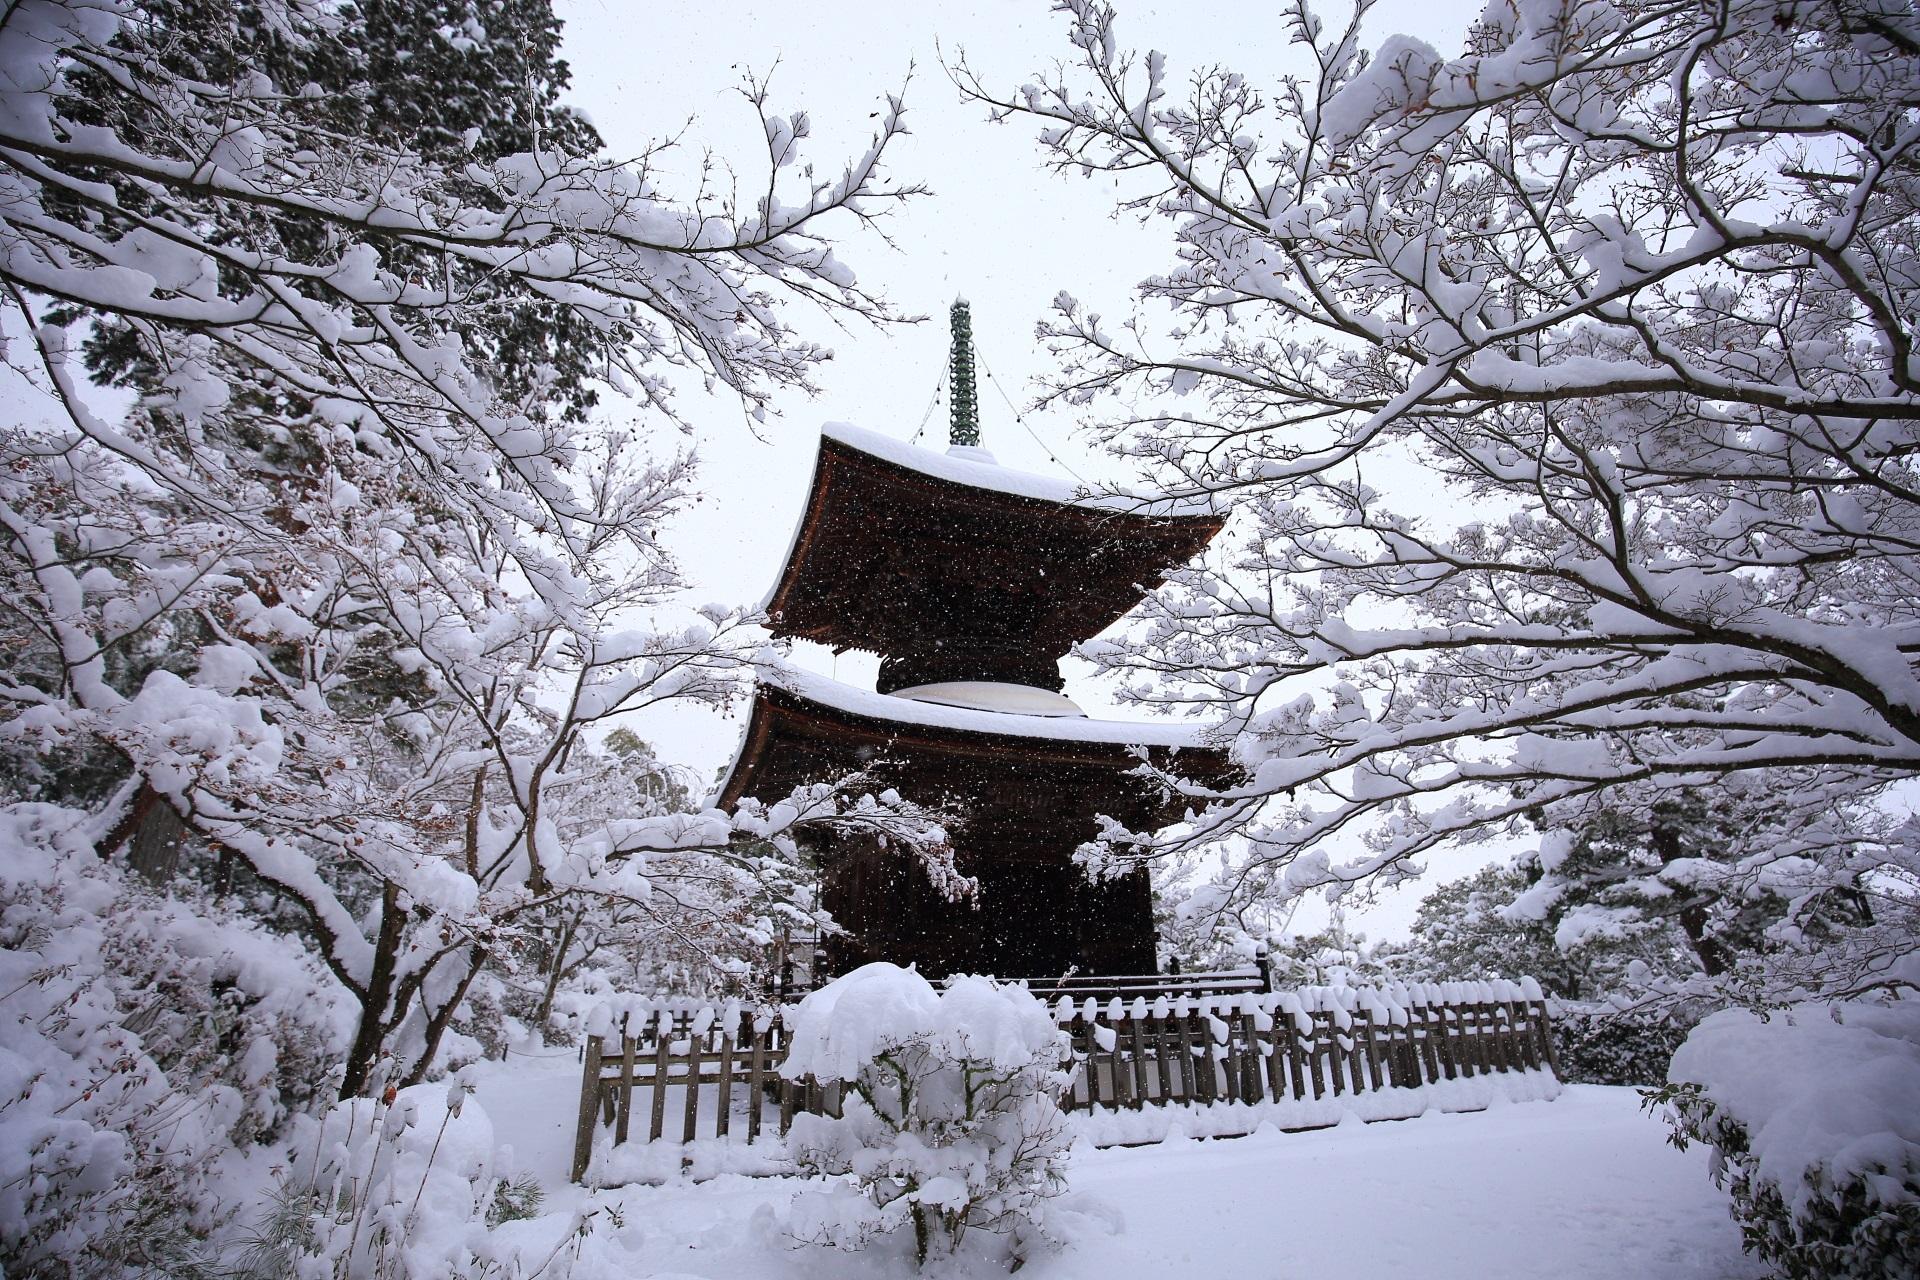 常寂光寺の絵になる雪景色